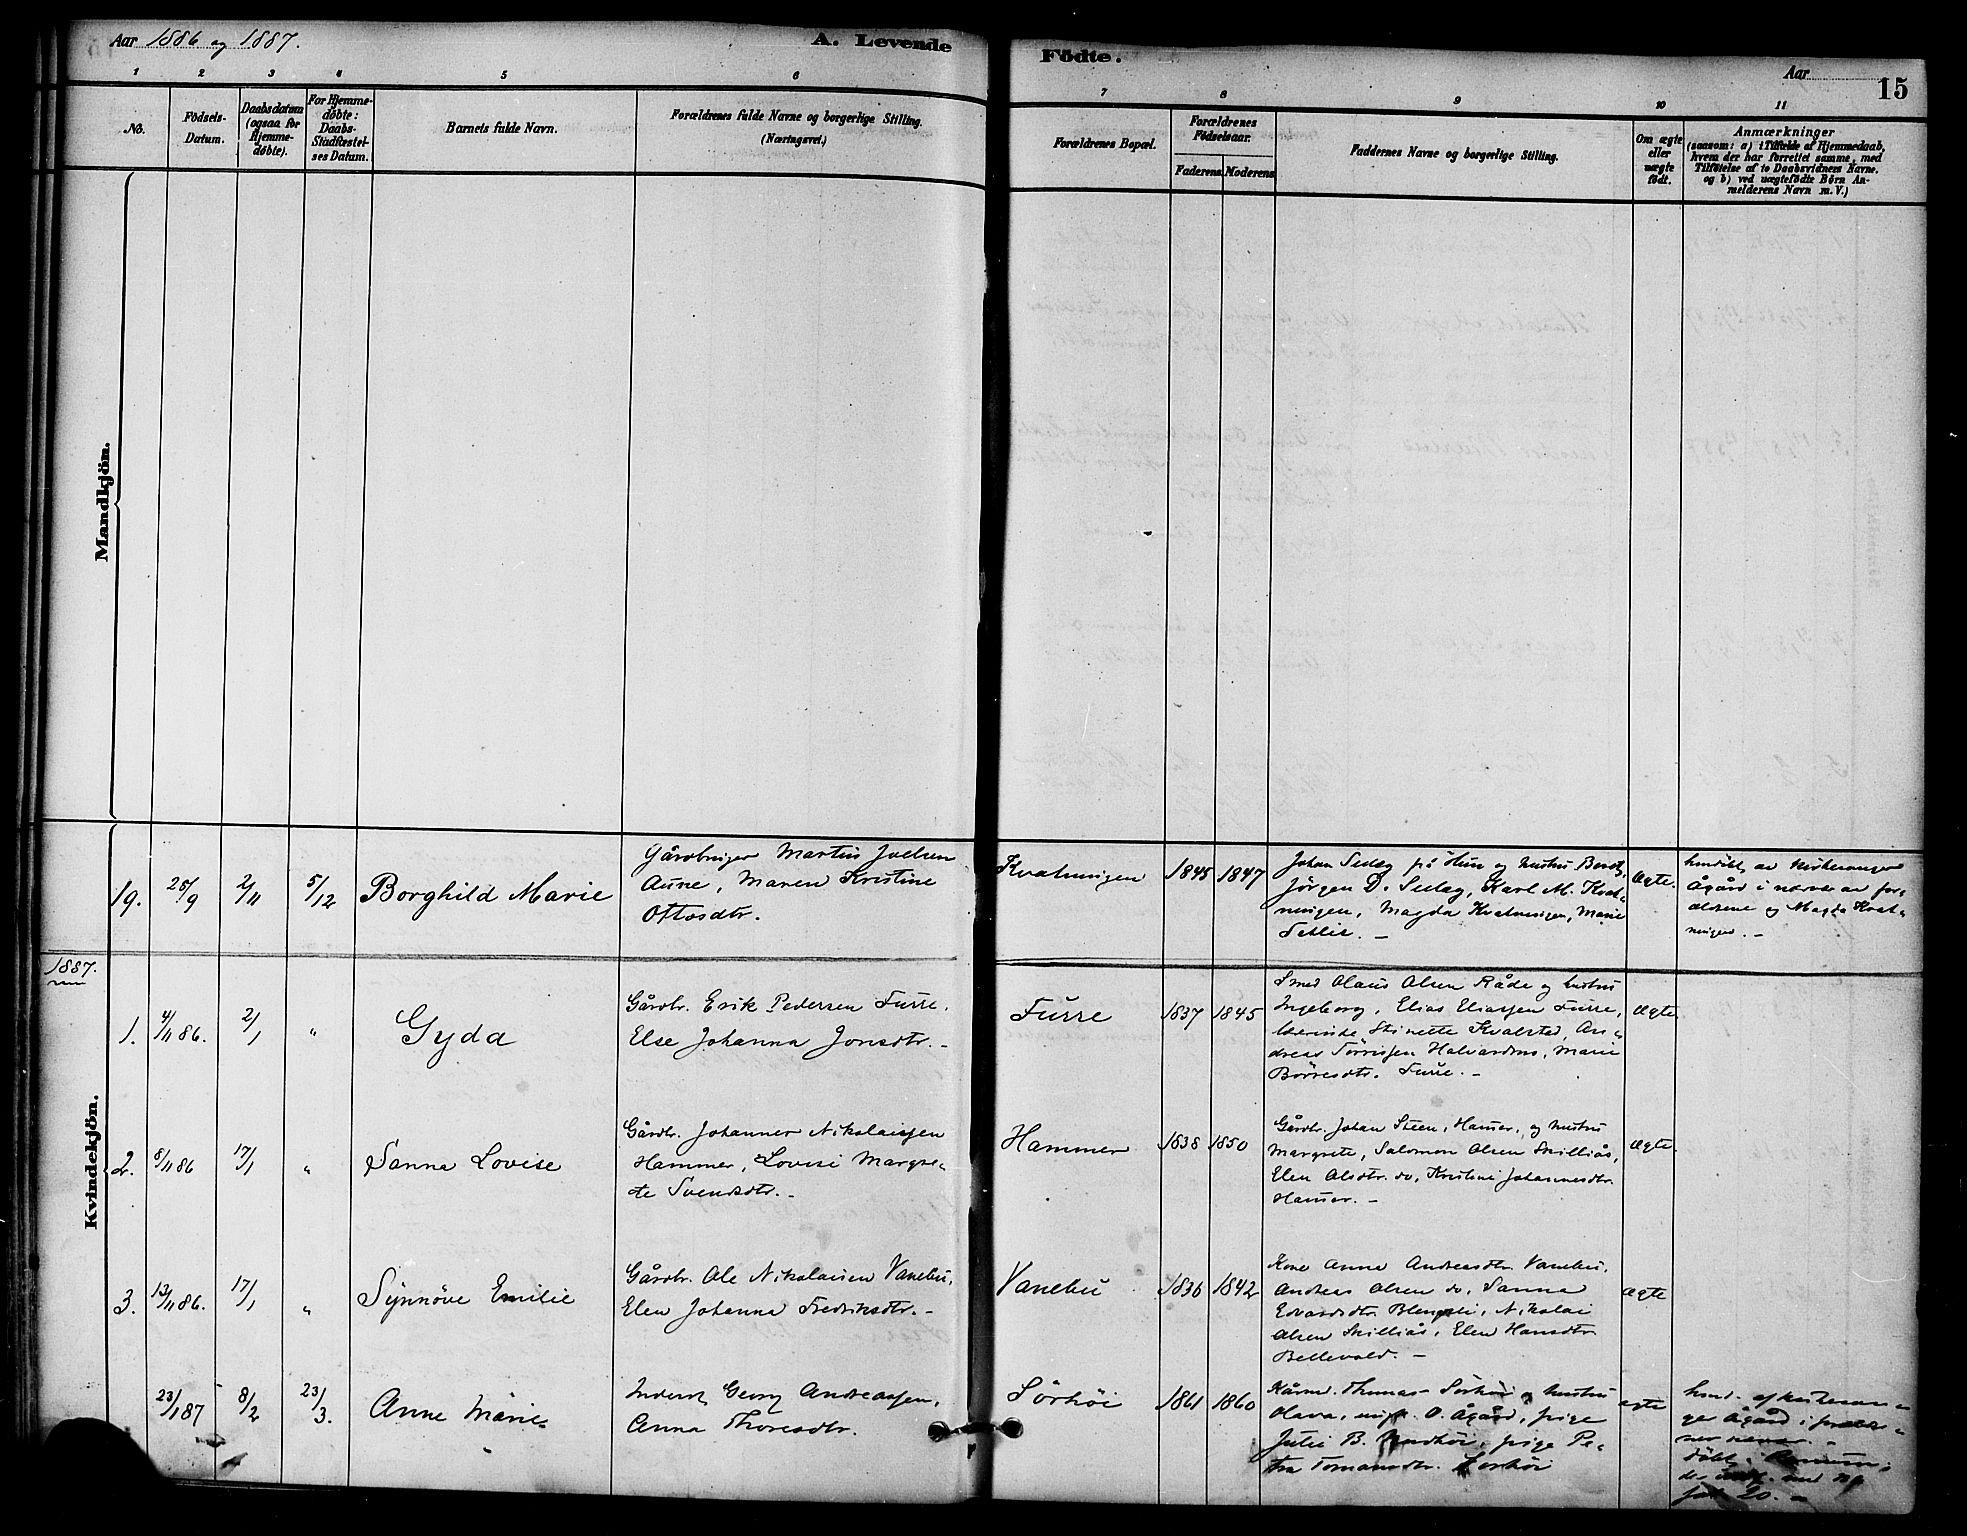 SAT, Ministerialprotokoller, klokkerbøker og fødselsregistre - Nord-Trøndelag, 766/L0563: Ministerialbok nr. 767A01, 1881-1899, s. 15